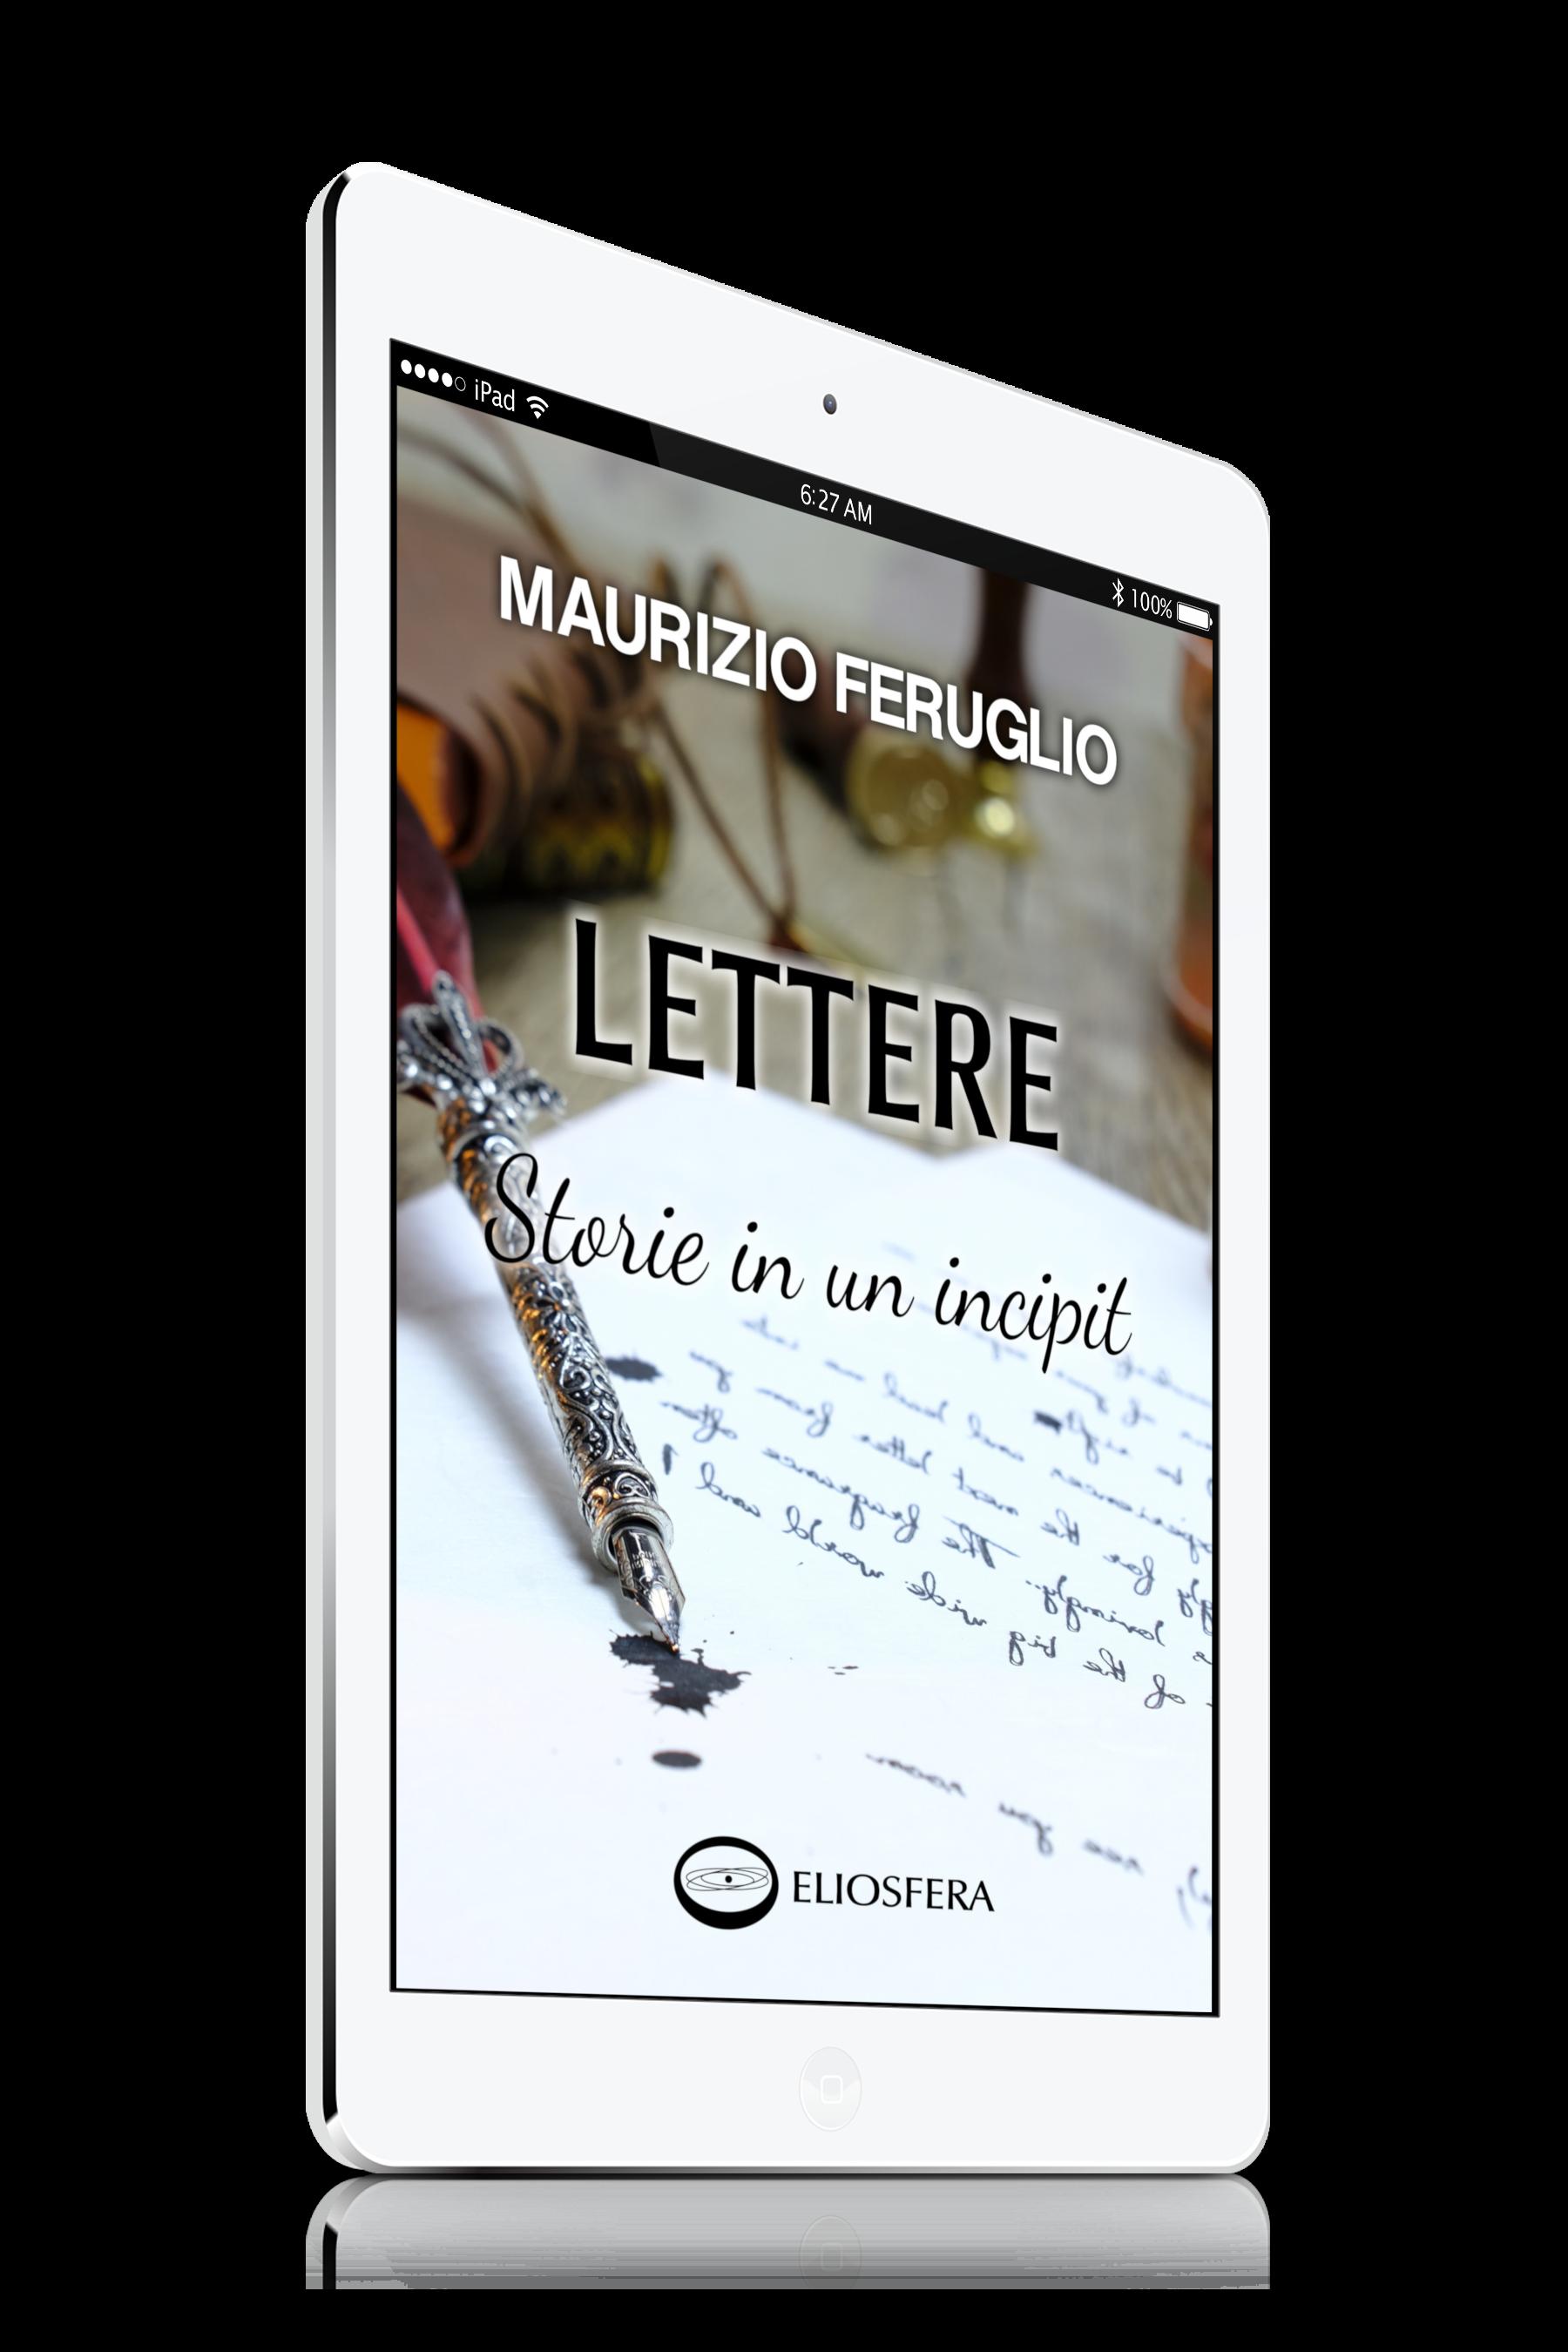 Lettere: Storie in un incipit. Copertina sul tablet.